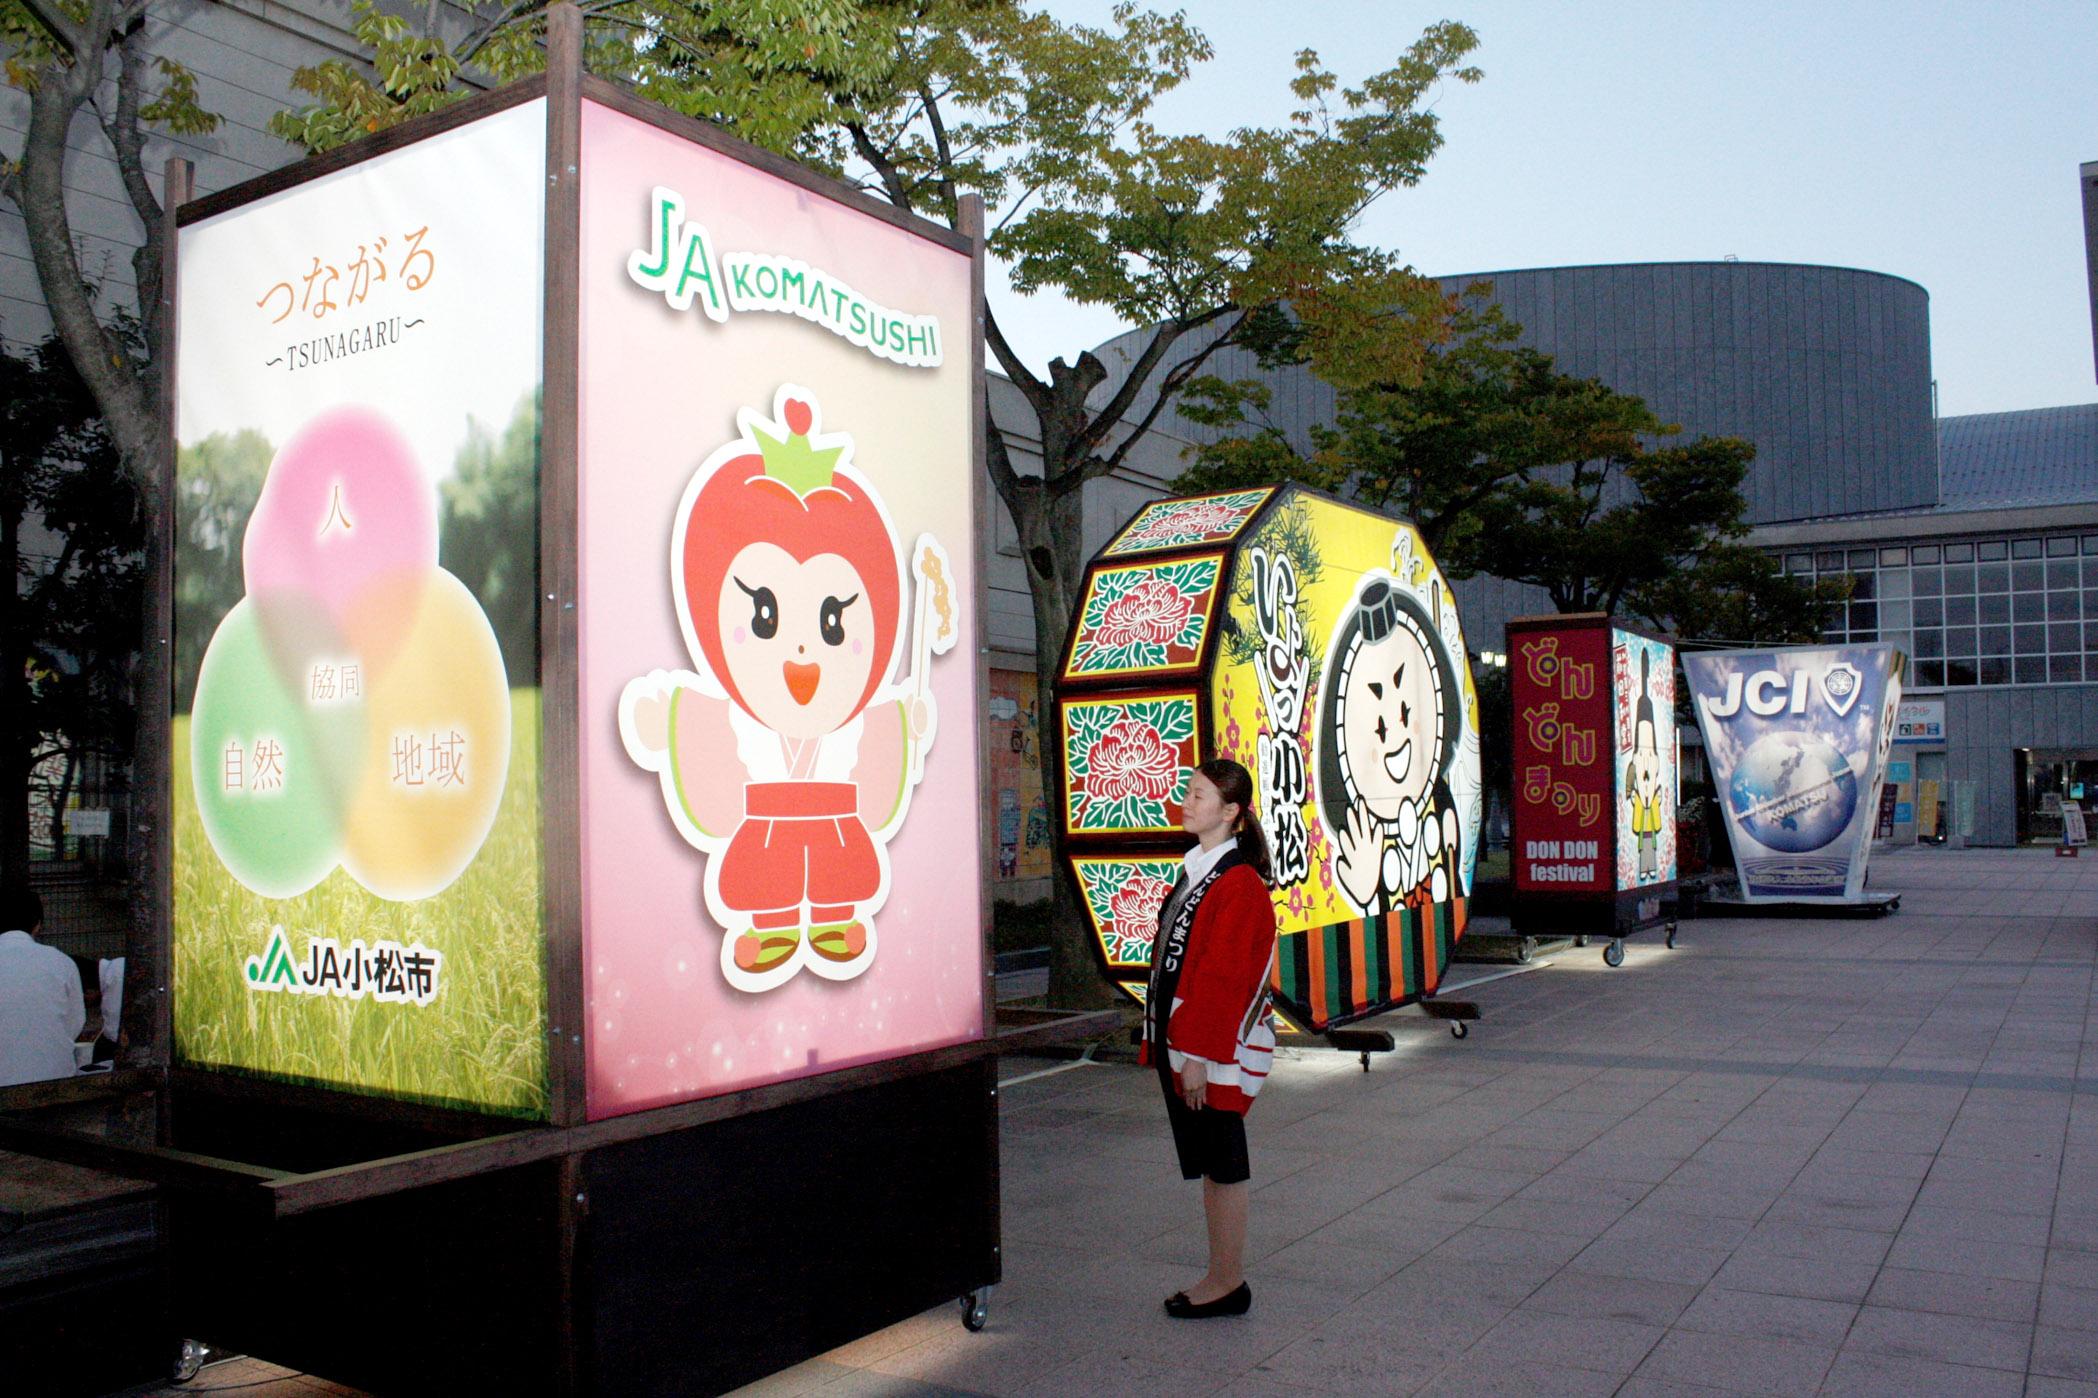 11日のどんどんまつりをPRするあんどん=JR小松駅前の市民公園